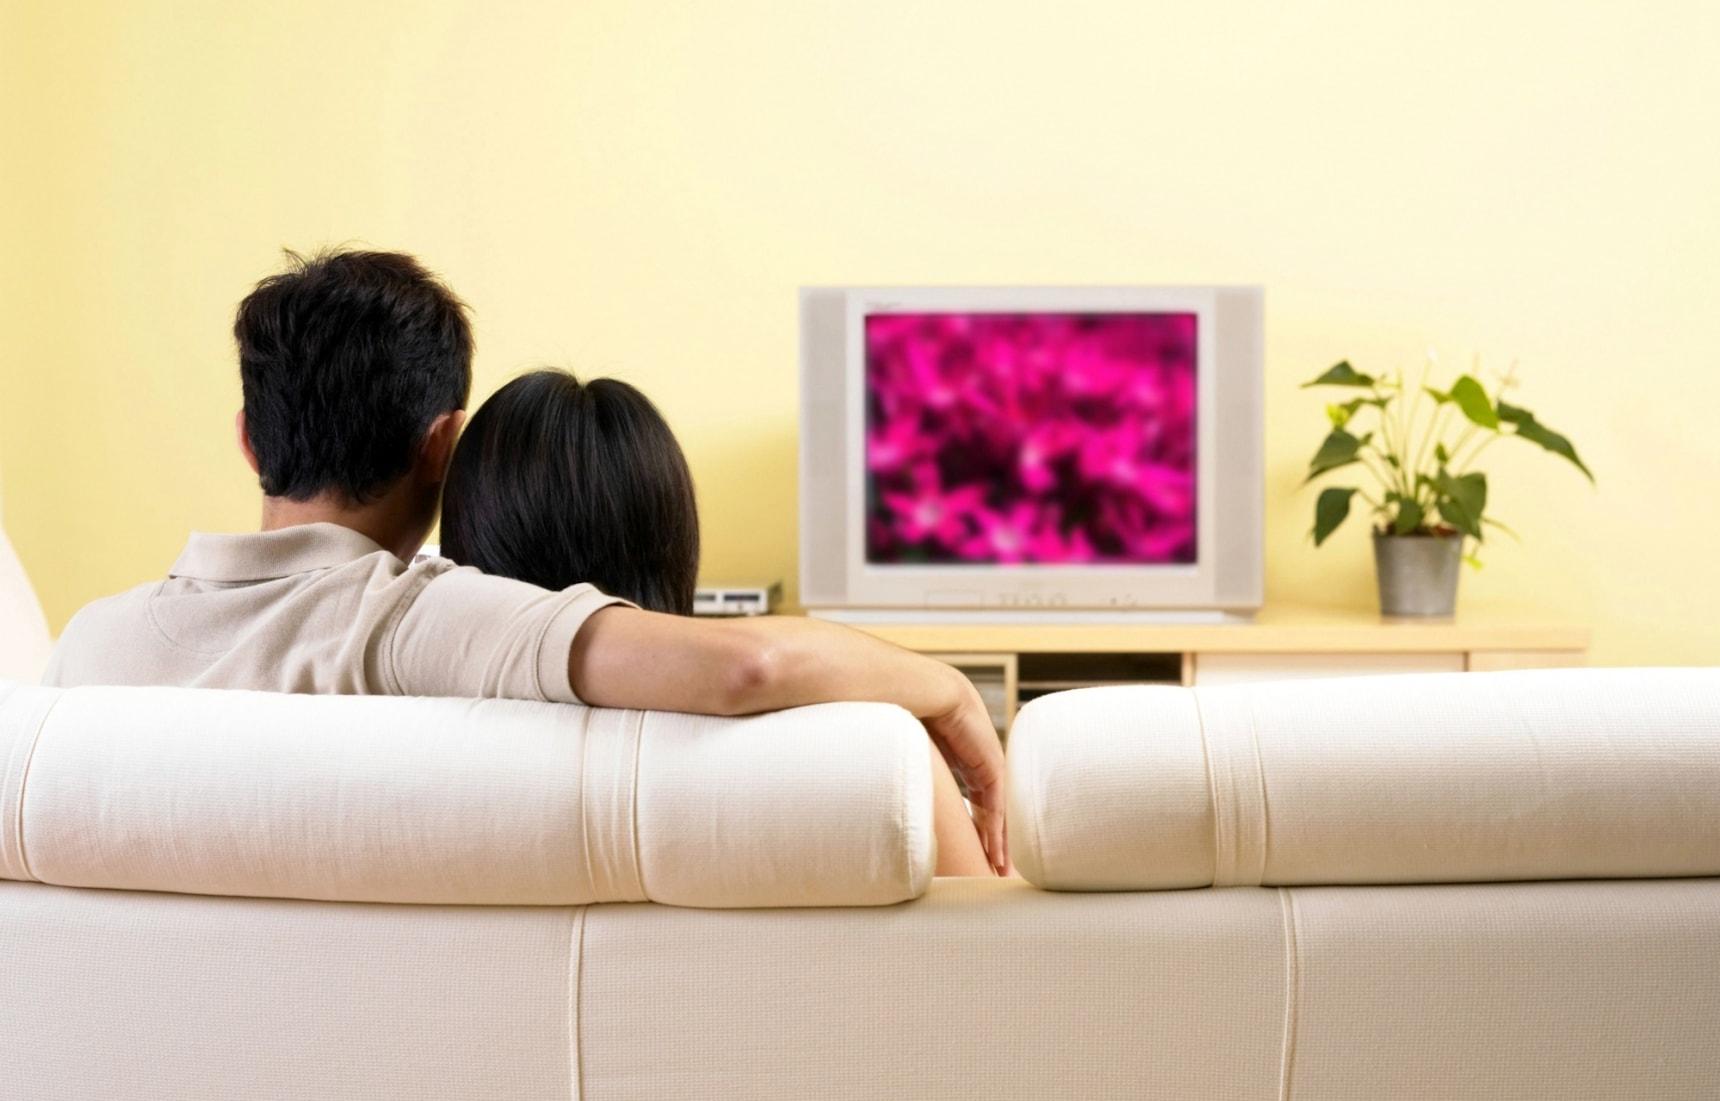 일본 TV 에 나오는 사랑 노래